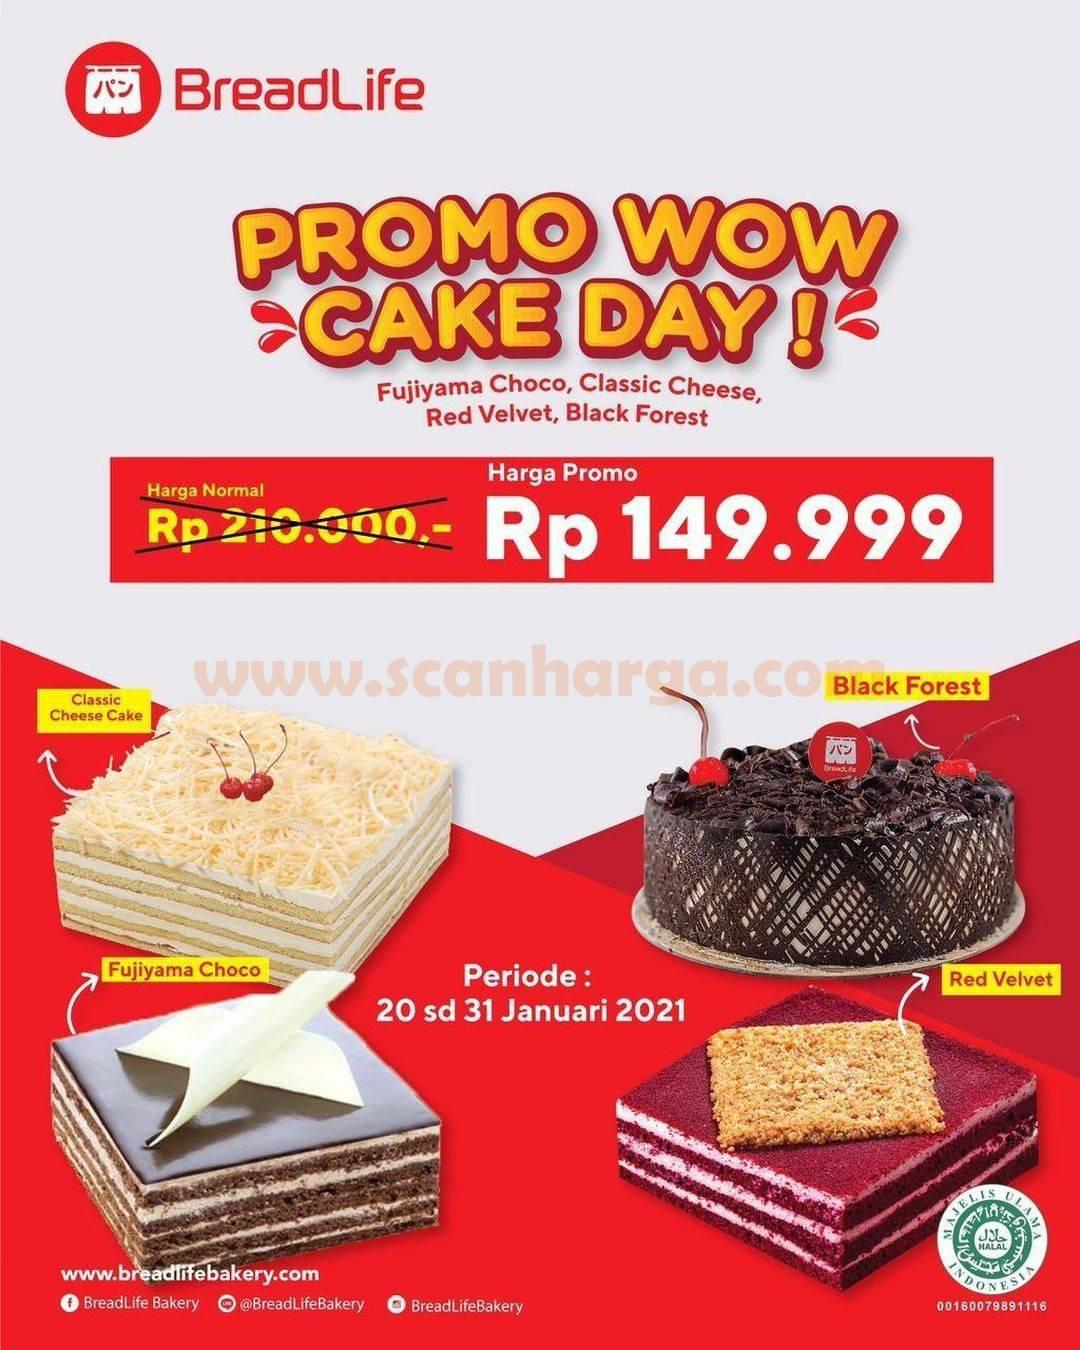 BREADLIFE Promo WOW CAKE DAY! Harga Spesial mulai Rp 149.999